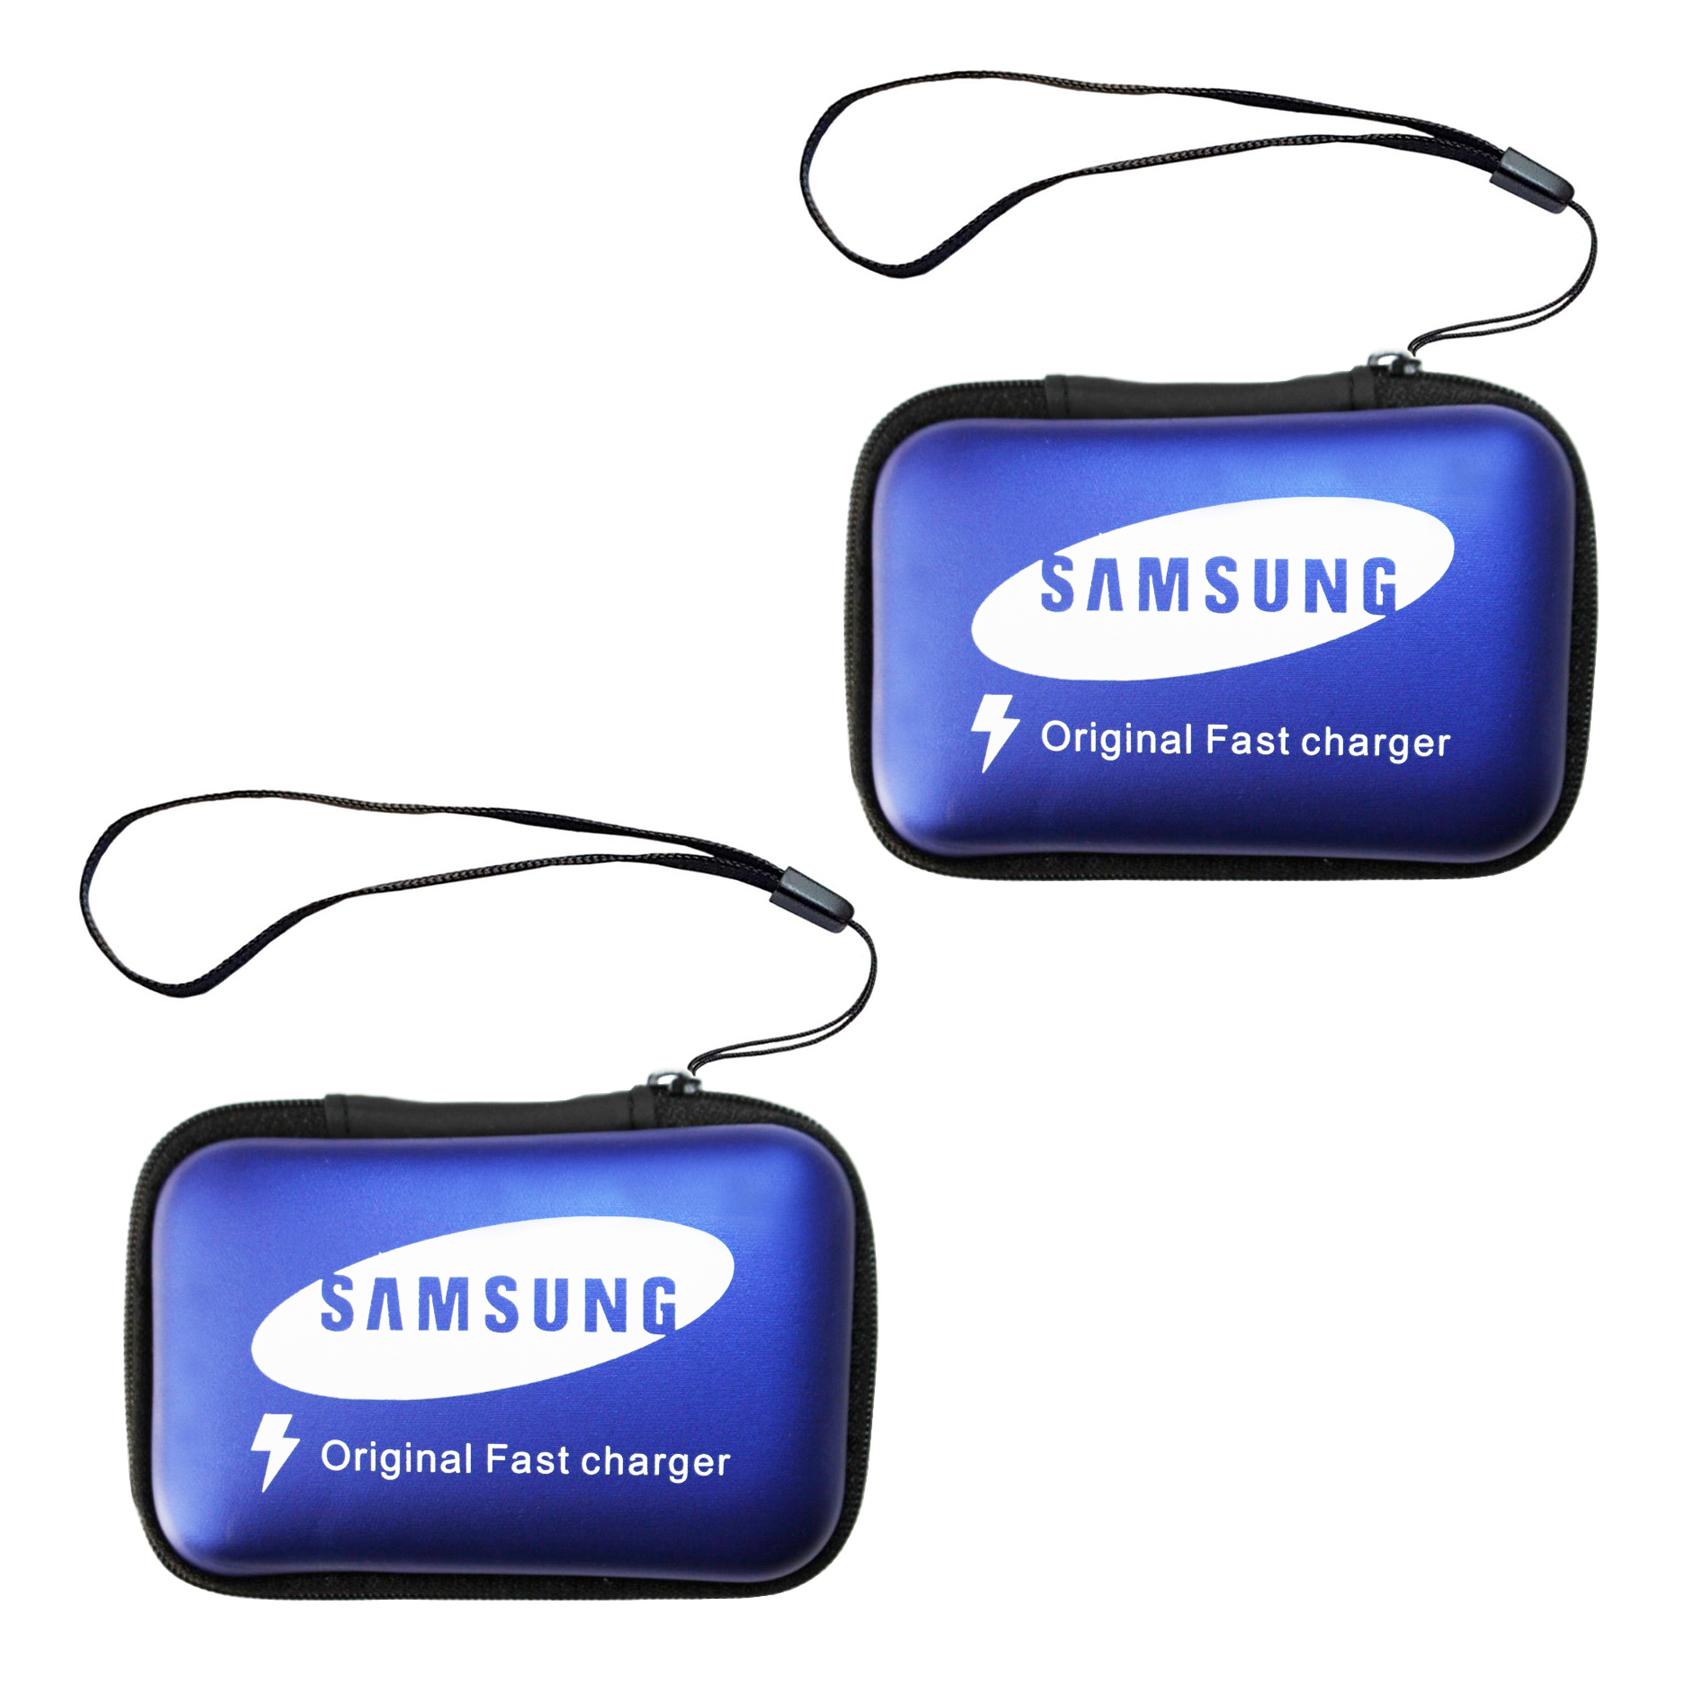 کیف شارژر موبایل مدل DST-13 بسته 2 عددی